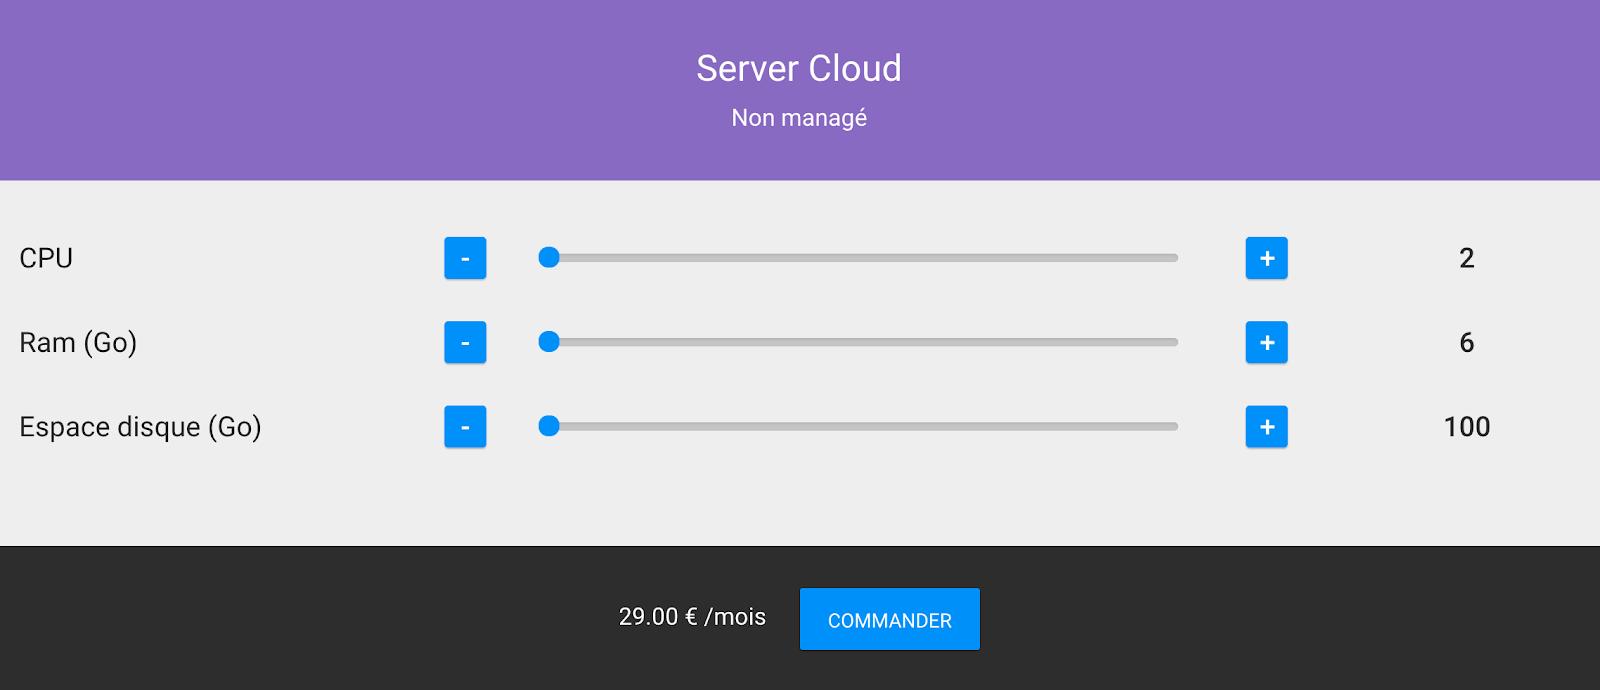 Le Cloud Non Managé